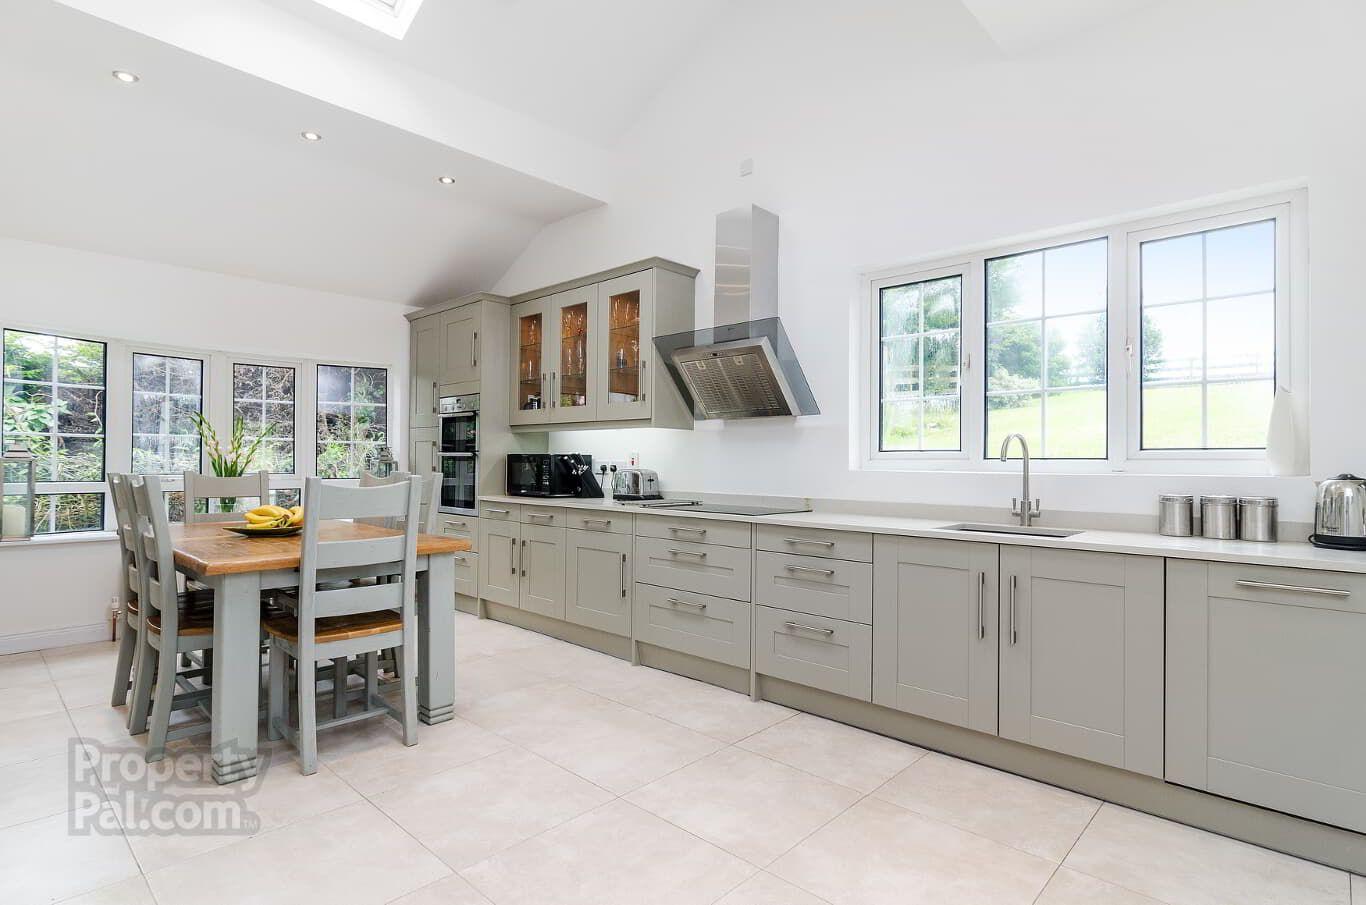 20 Dows Road, Belfast Kitchen, Kitchen